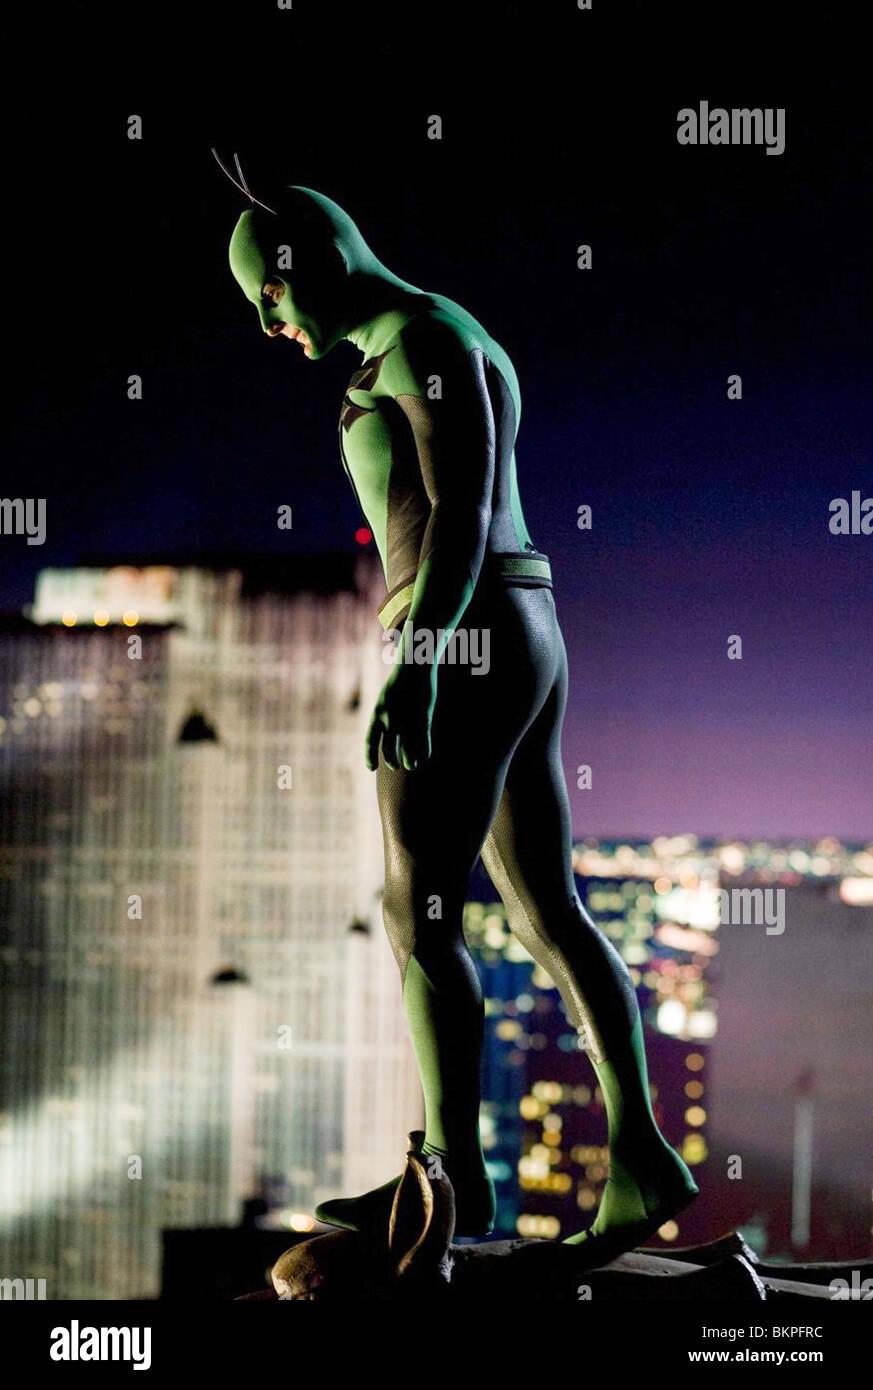 SUPERHERO MOVIE (2008) DRAKE BELL CRAIG MAZIN (DIR) 001 - Stock Image & Superhero Movie 2008 Drake Bell Stock Photos u0026 Superhero Movie 2008 ...